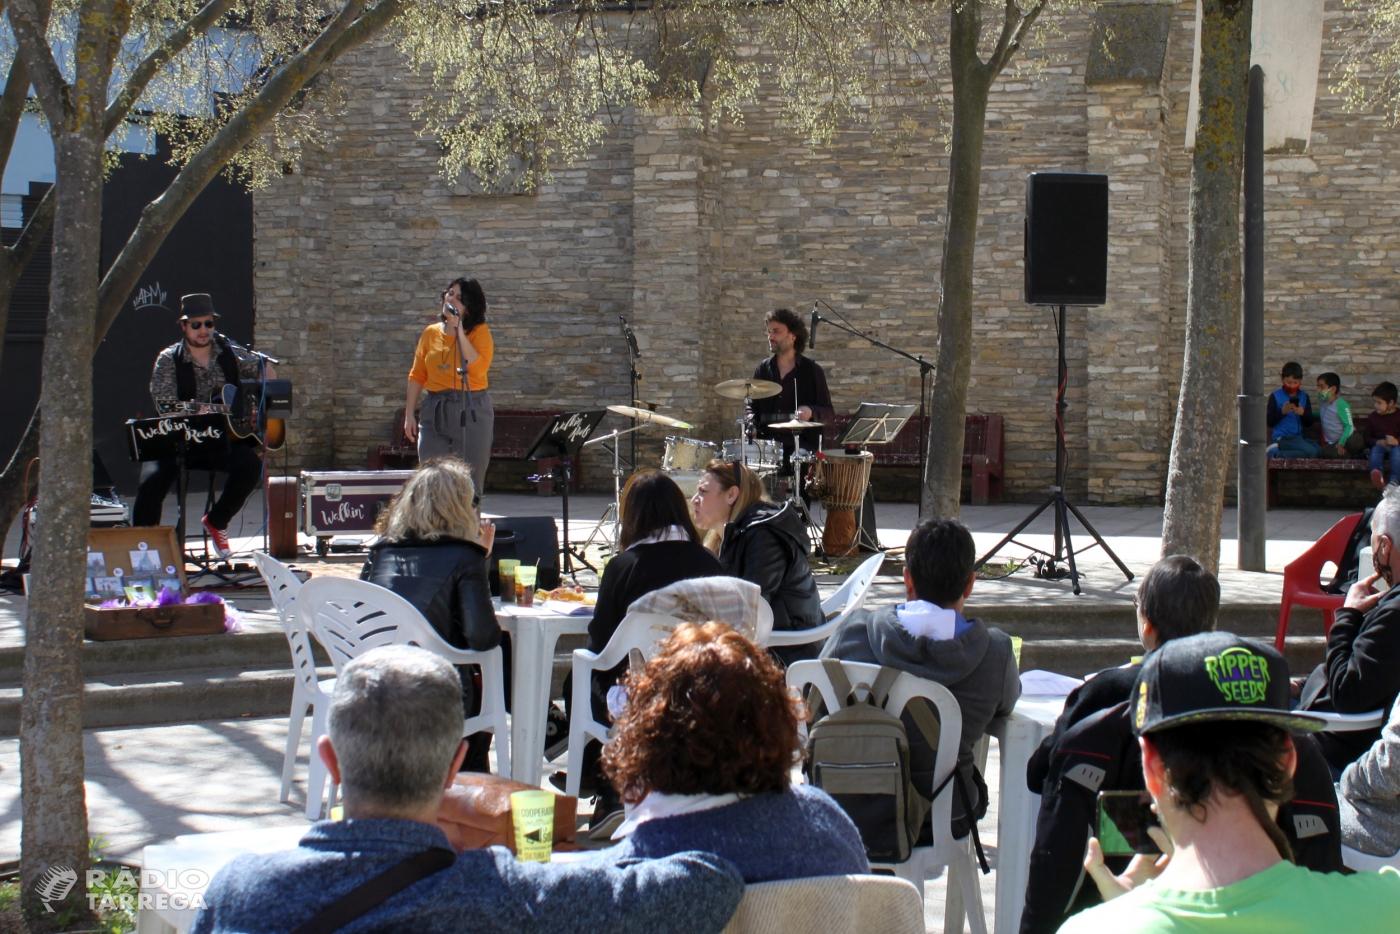 Èxit del concert de Walkin' Roots a Tàrrega amb cançons d'empoderament femení